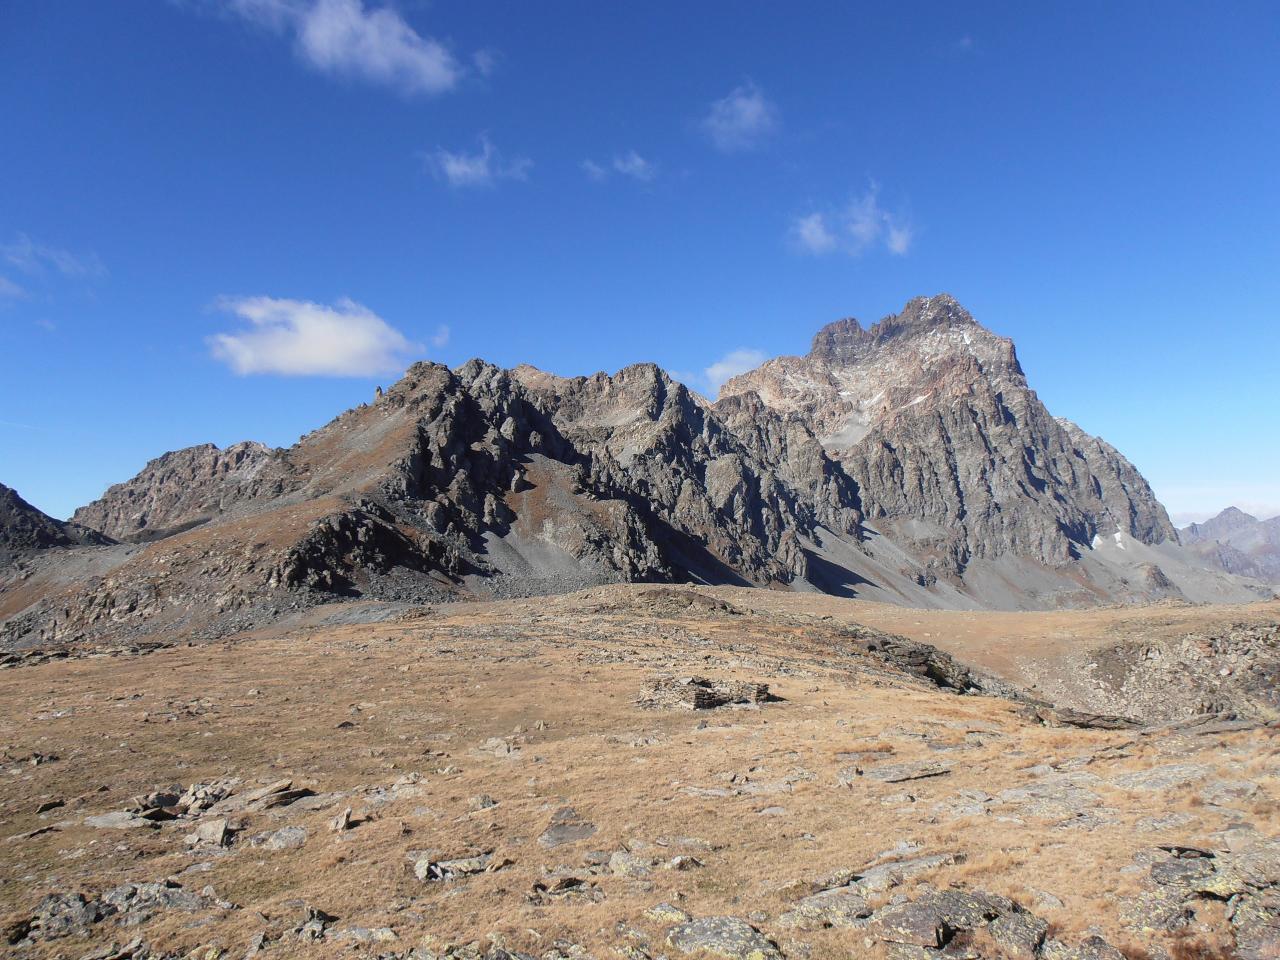 05 - Monviso dalla zona panoramica vicina al Passo Gallarino